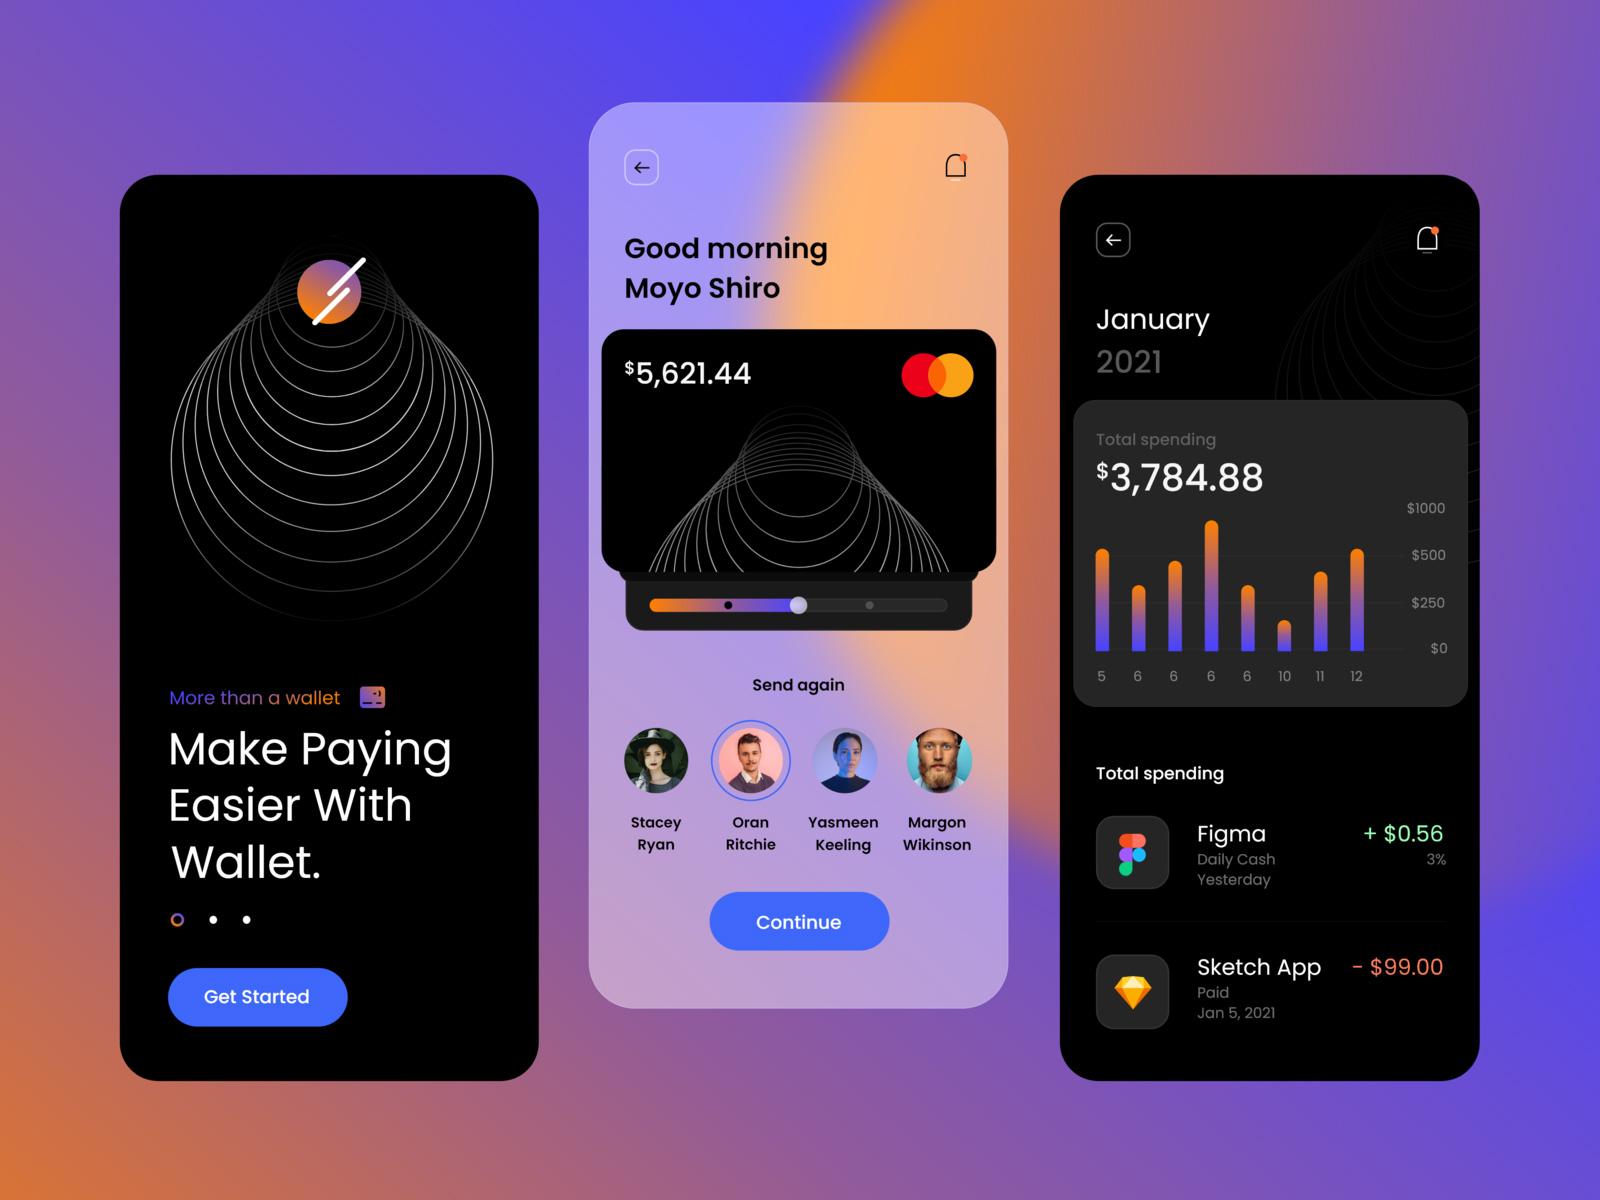 手机移动支付应用概念用户界面设计模板插图